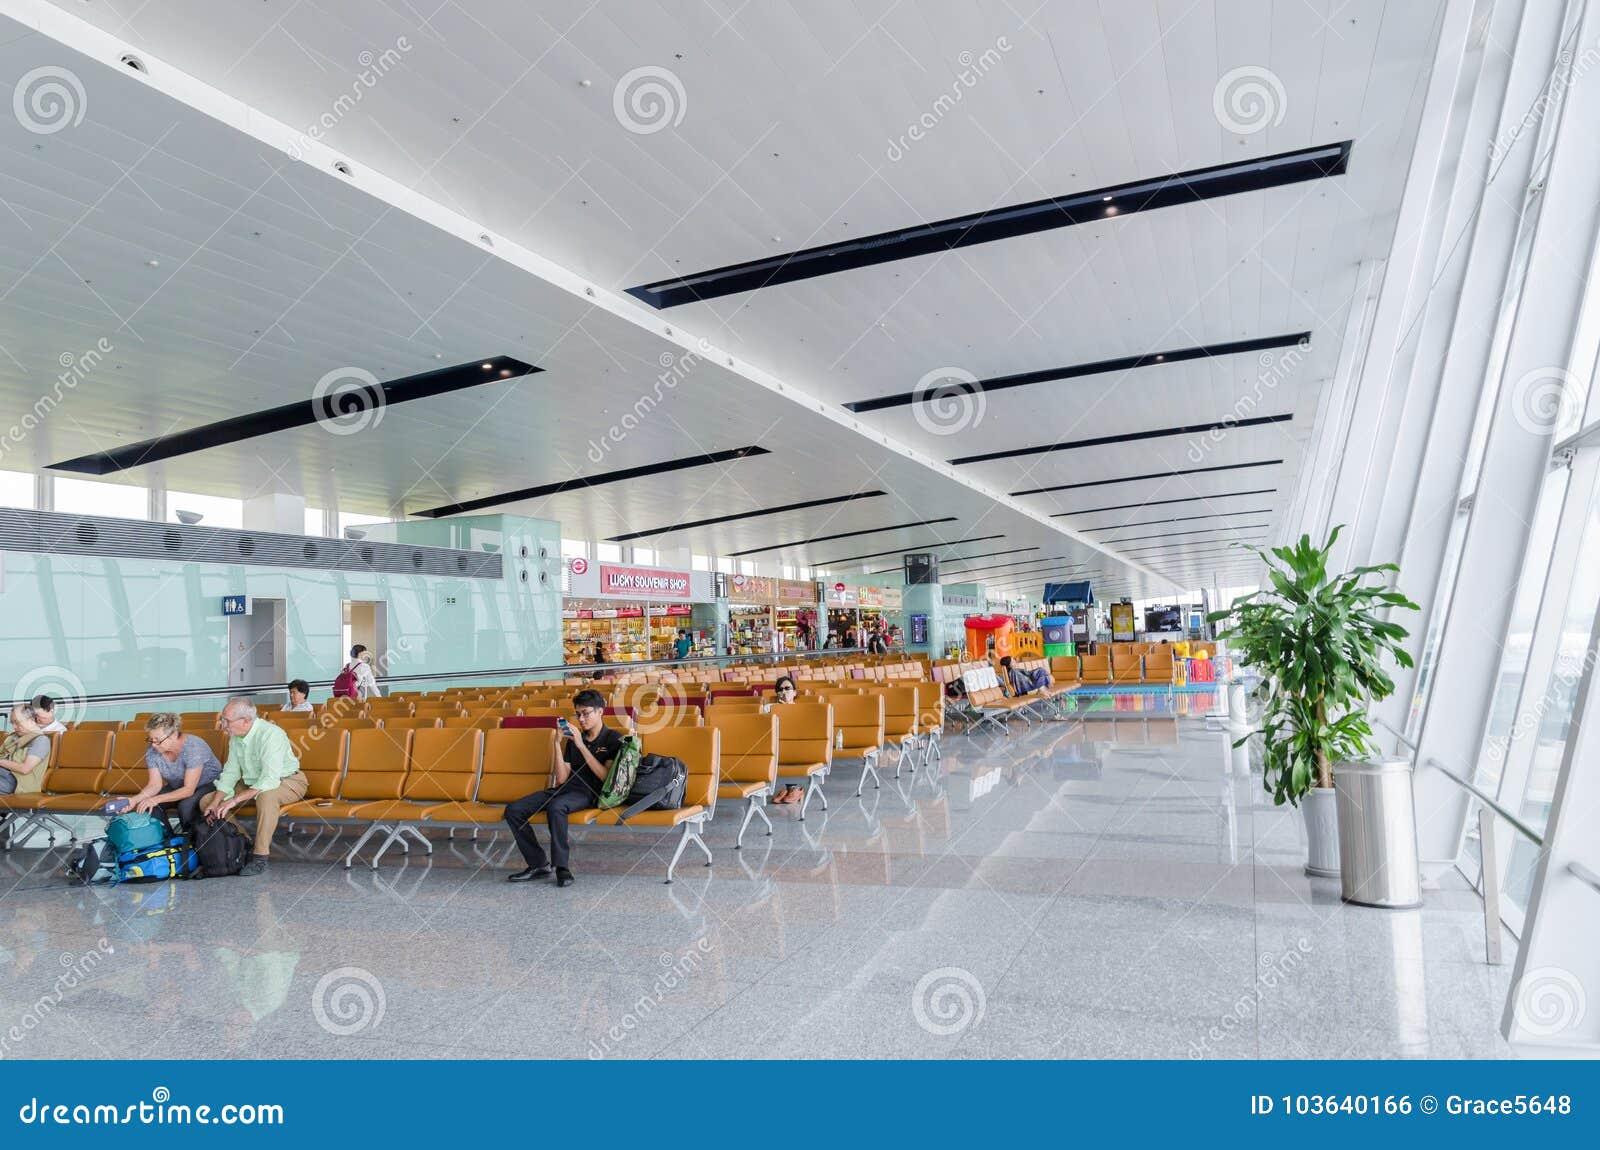 les passagers mettent en bote vu attendant leur vol dans noi bai international airport vietnam